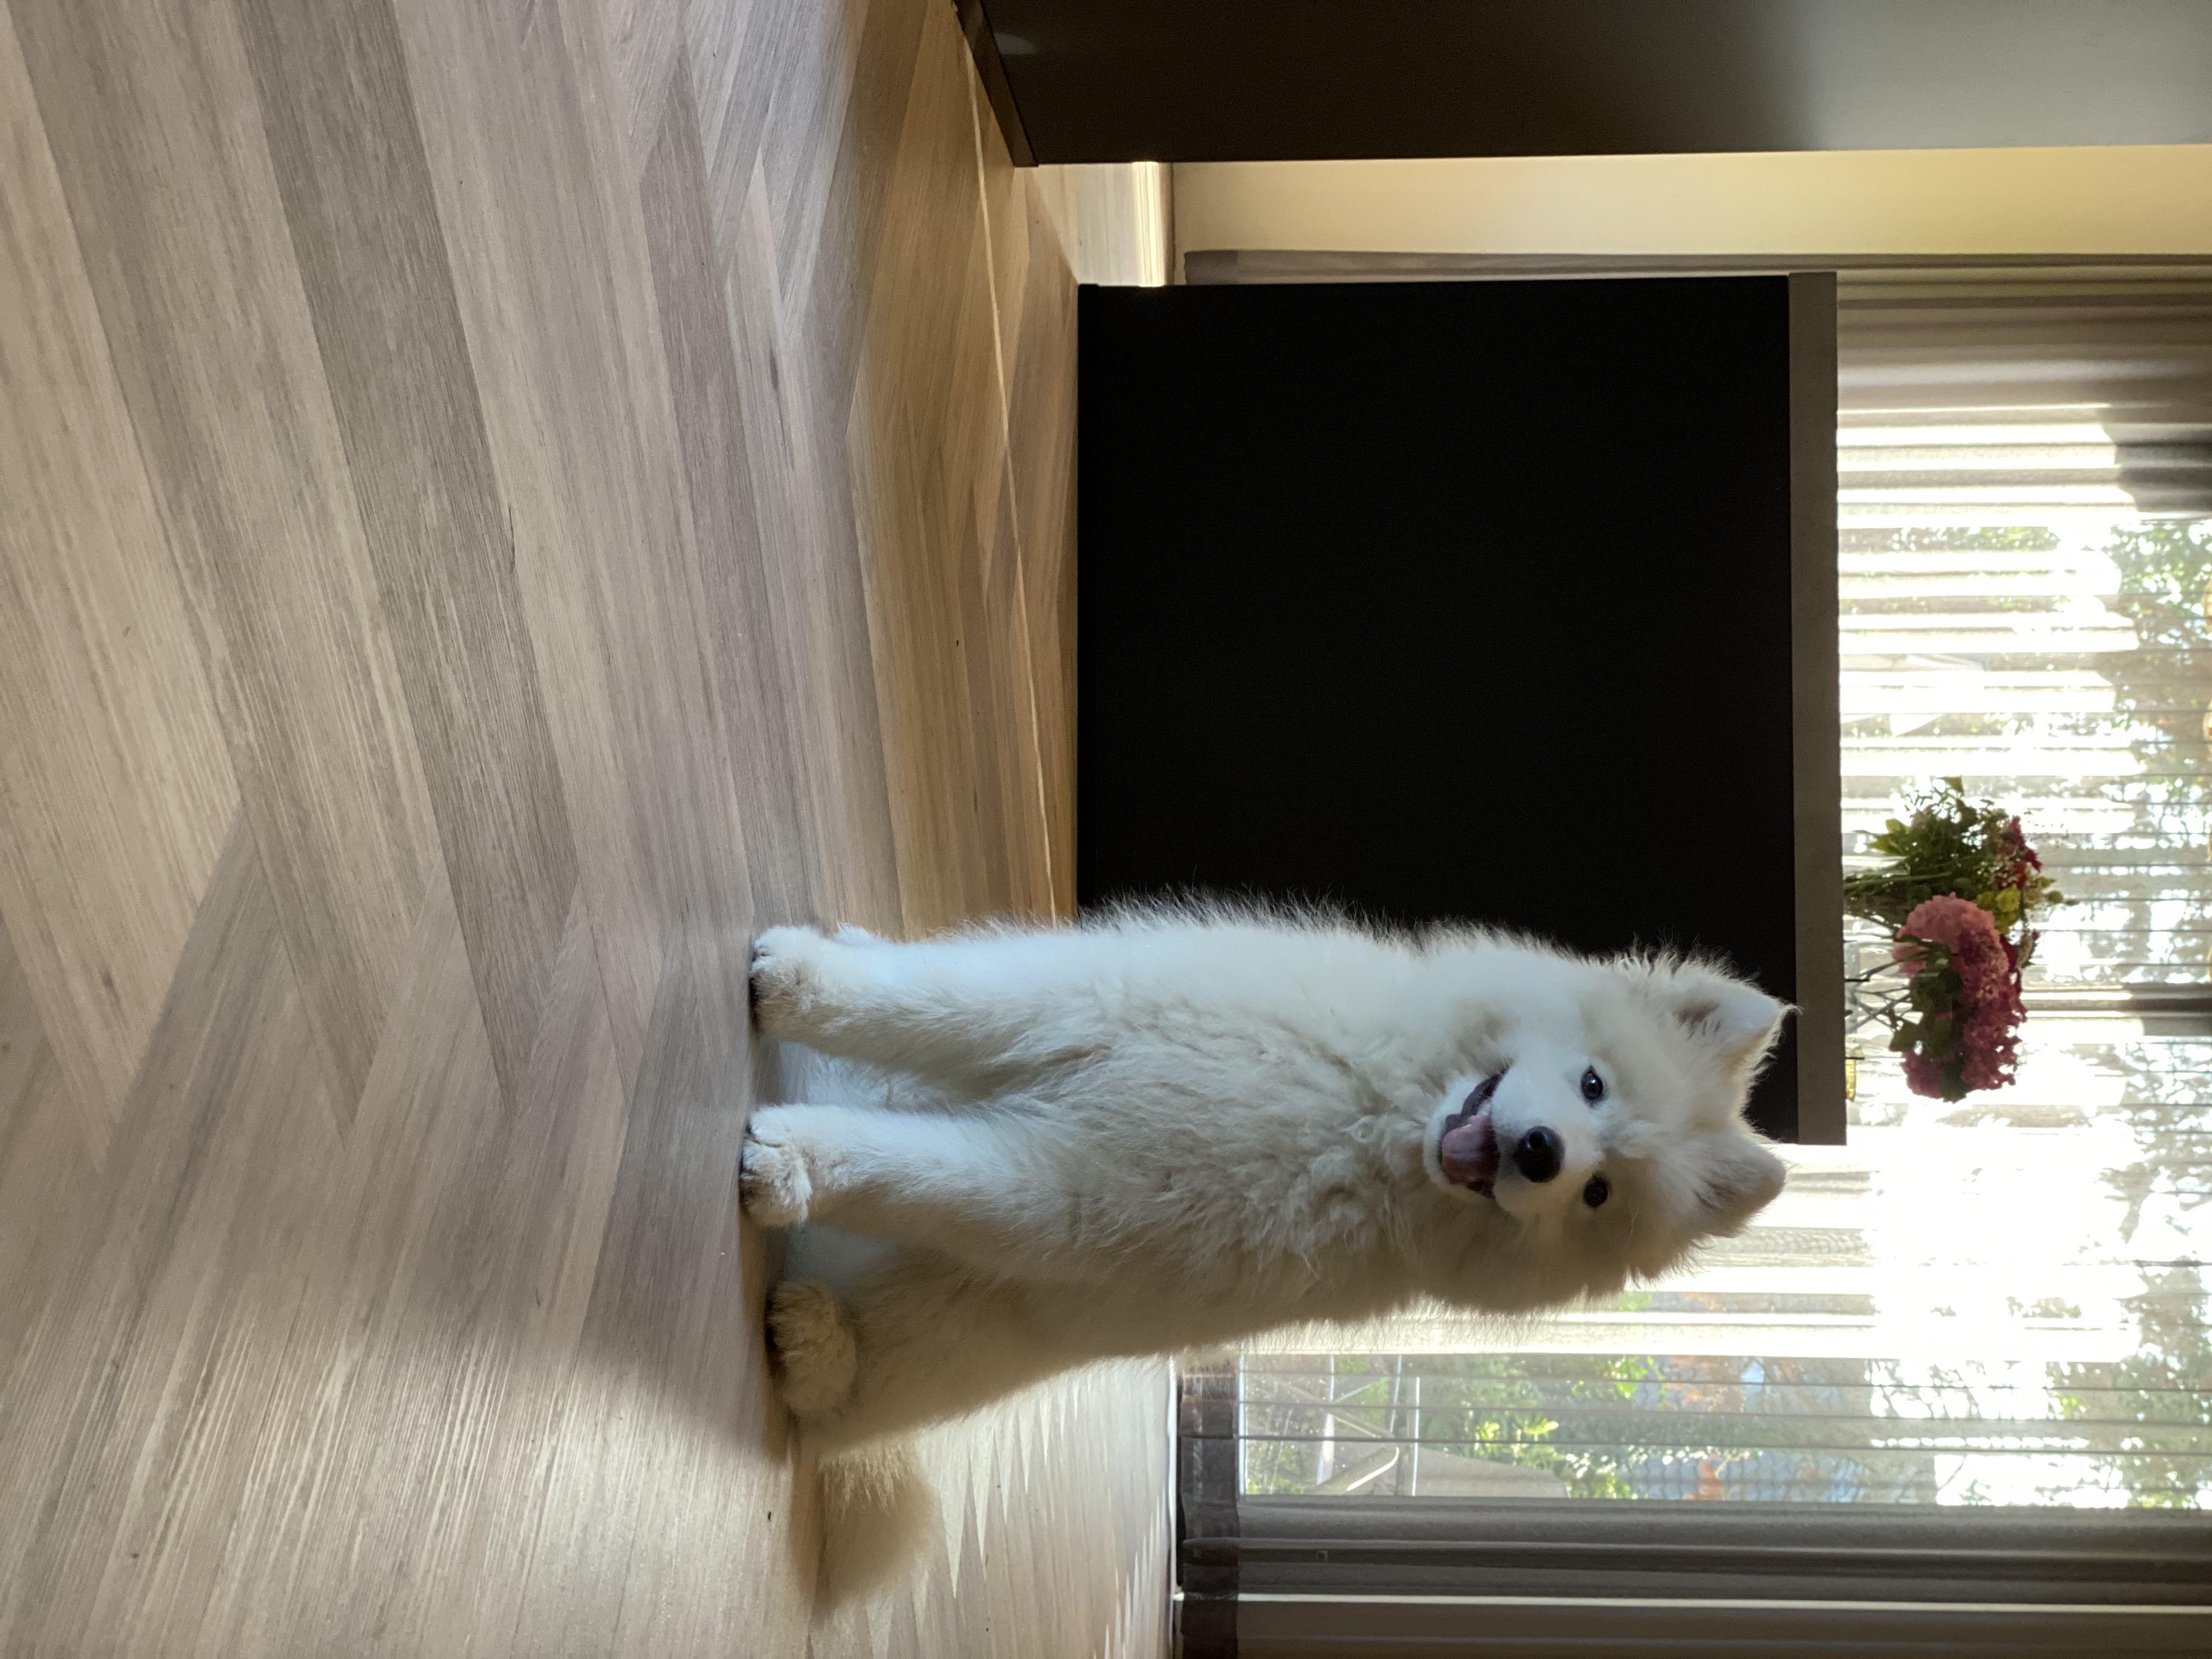 Maja's vloeren i.c.m. huisdieren